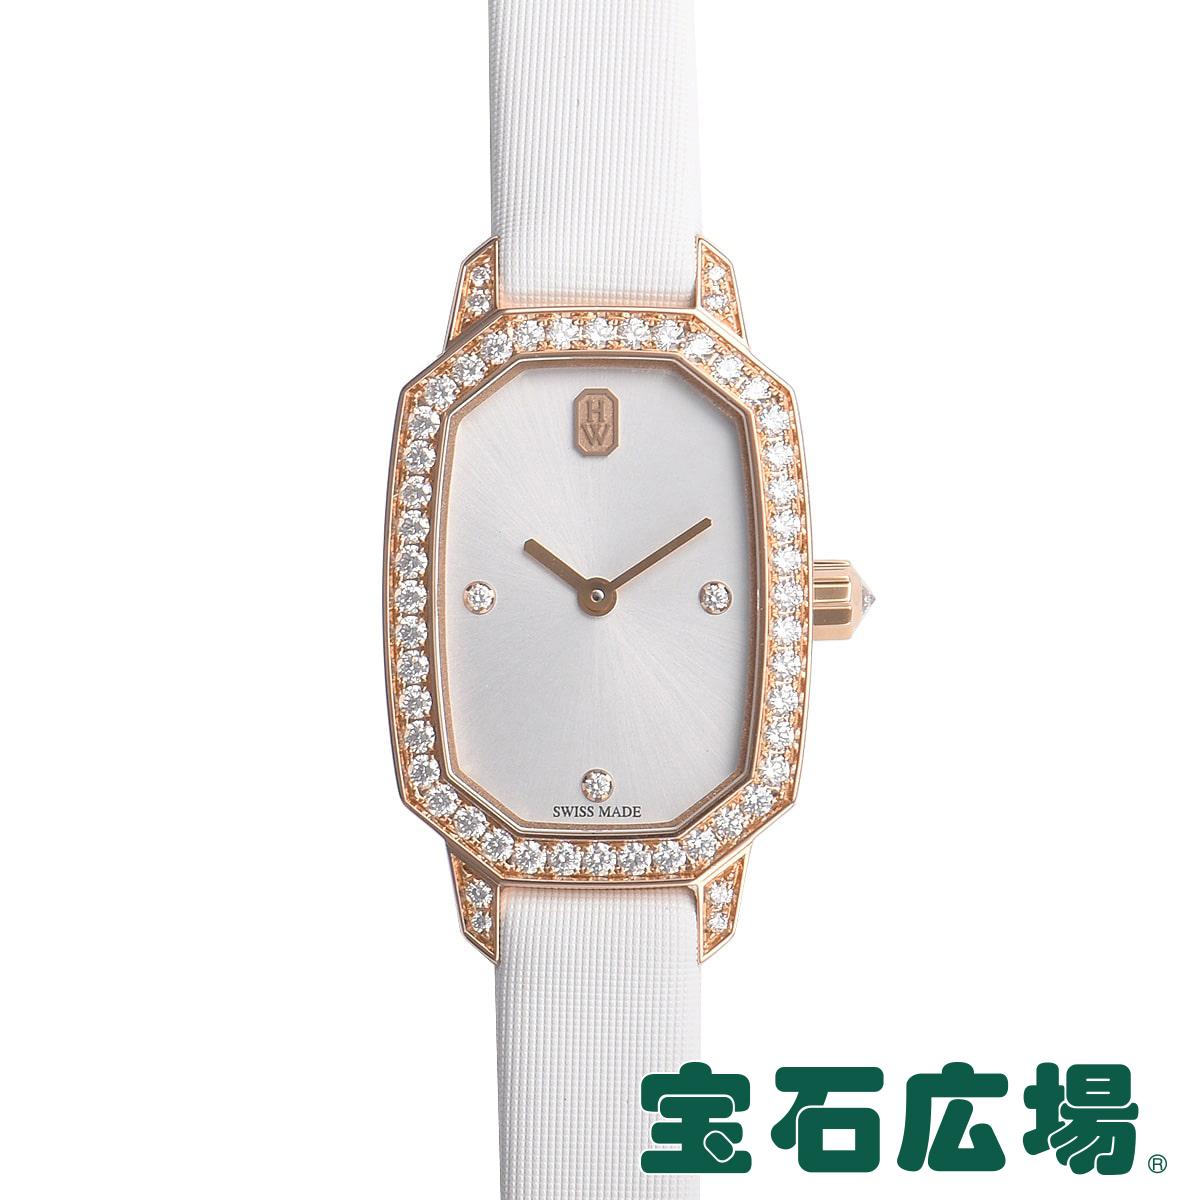 【通販 人気】 ハリー ウィンストン HARRY 腕時計 WINSTON エメラルド EMEQHM18RR001【 エメラルド】レディース 腕時計 ウィンストン 送料無料, フジハラマチ:e23702ae --- eamgalib.ru